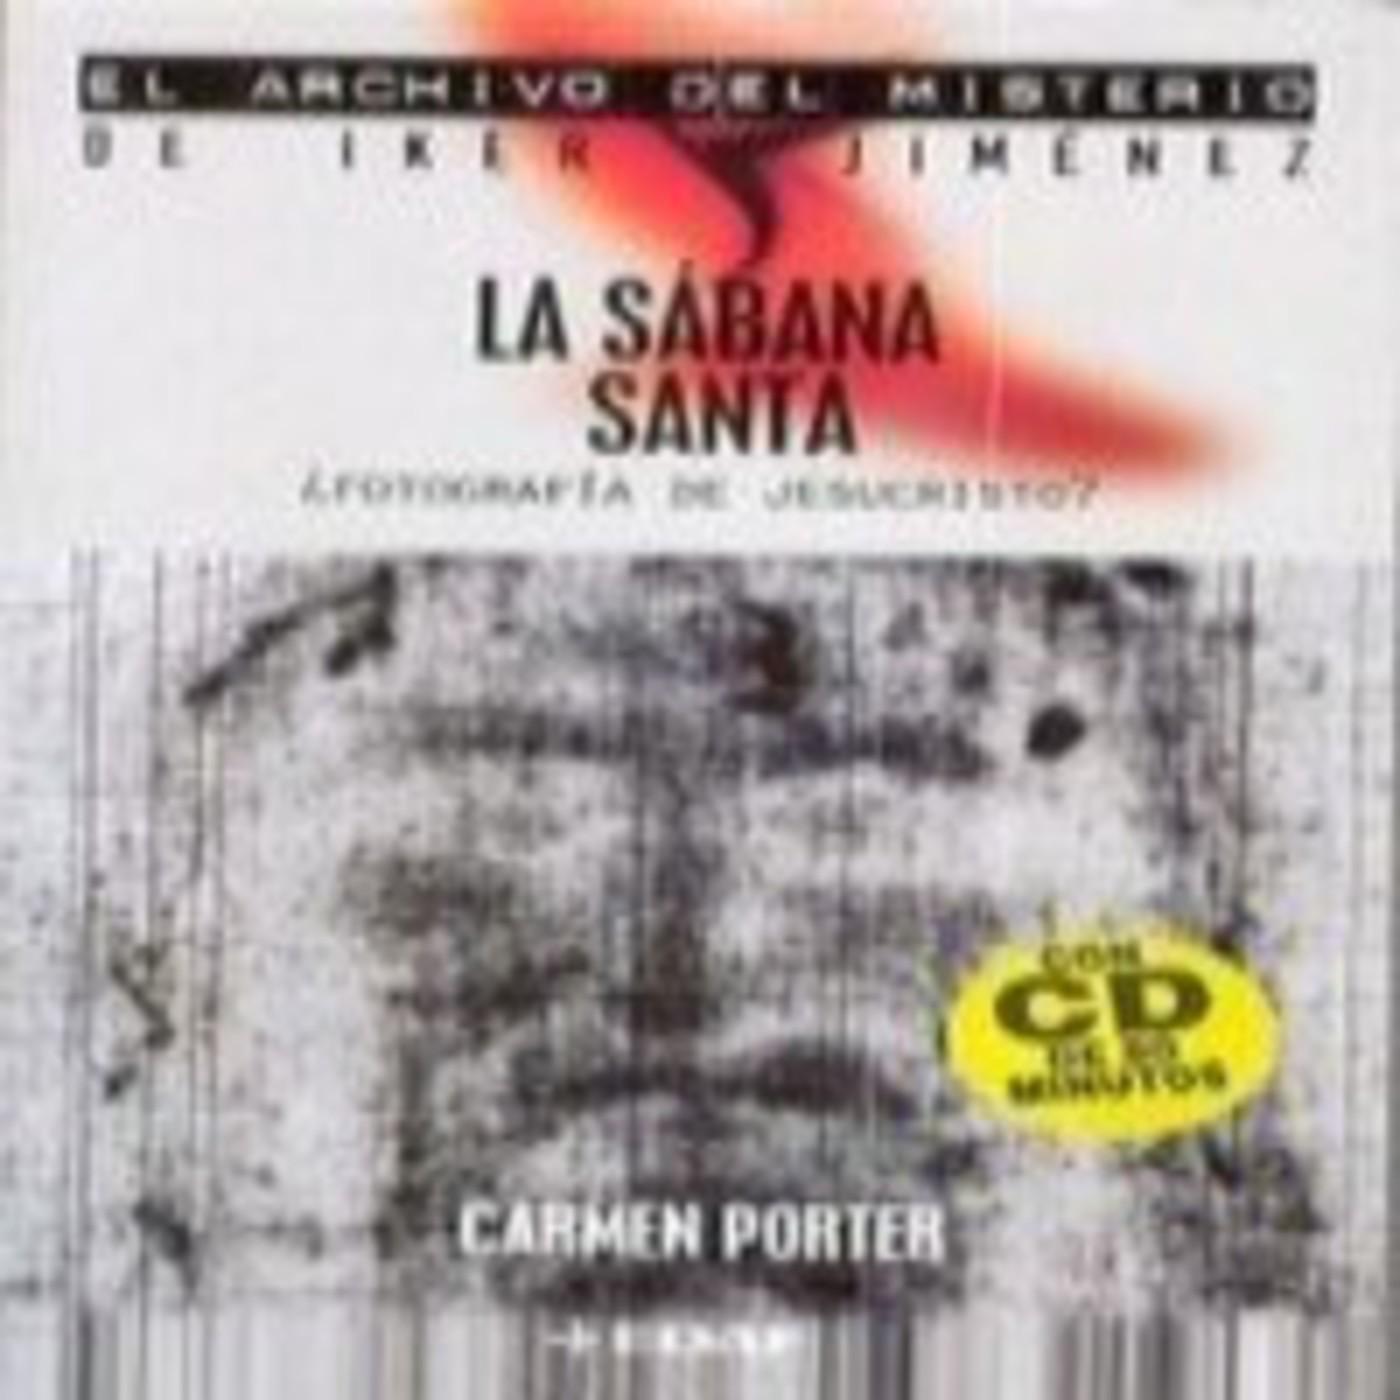 Iker Jiménez y Carmen Porter : La sábana Santa en Misterios en mp3 ...